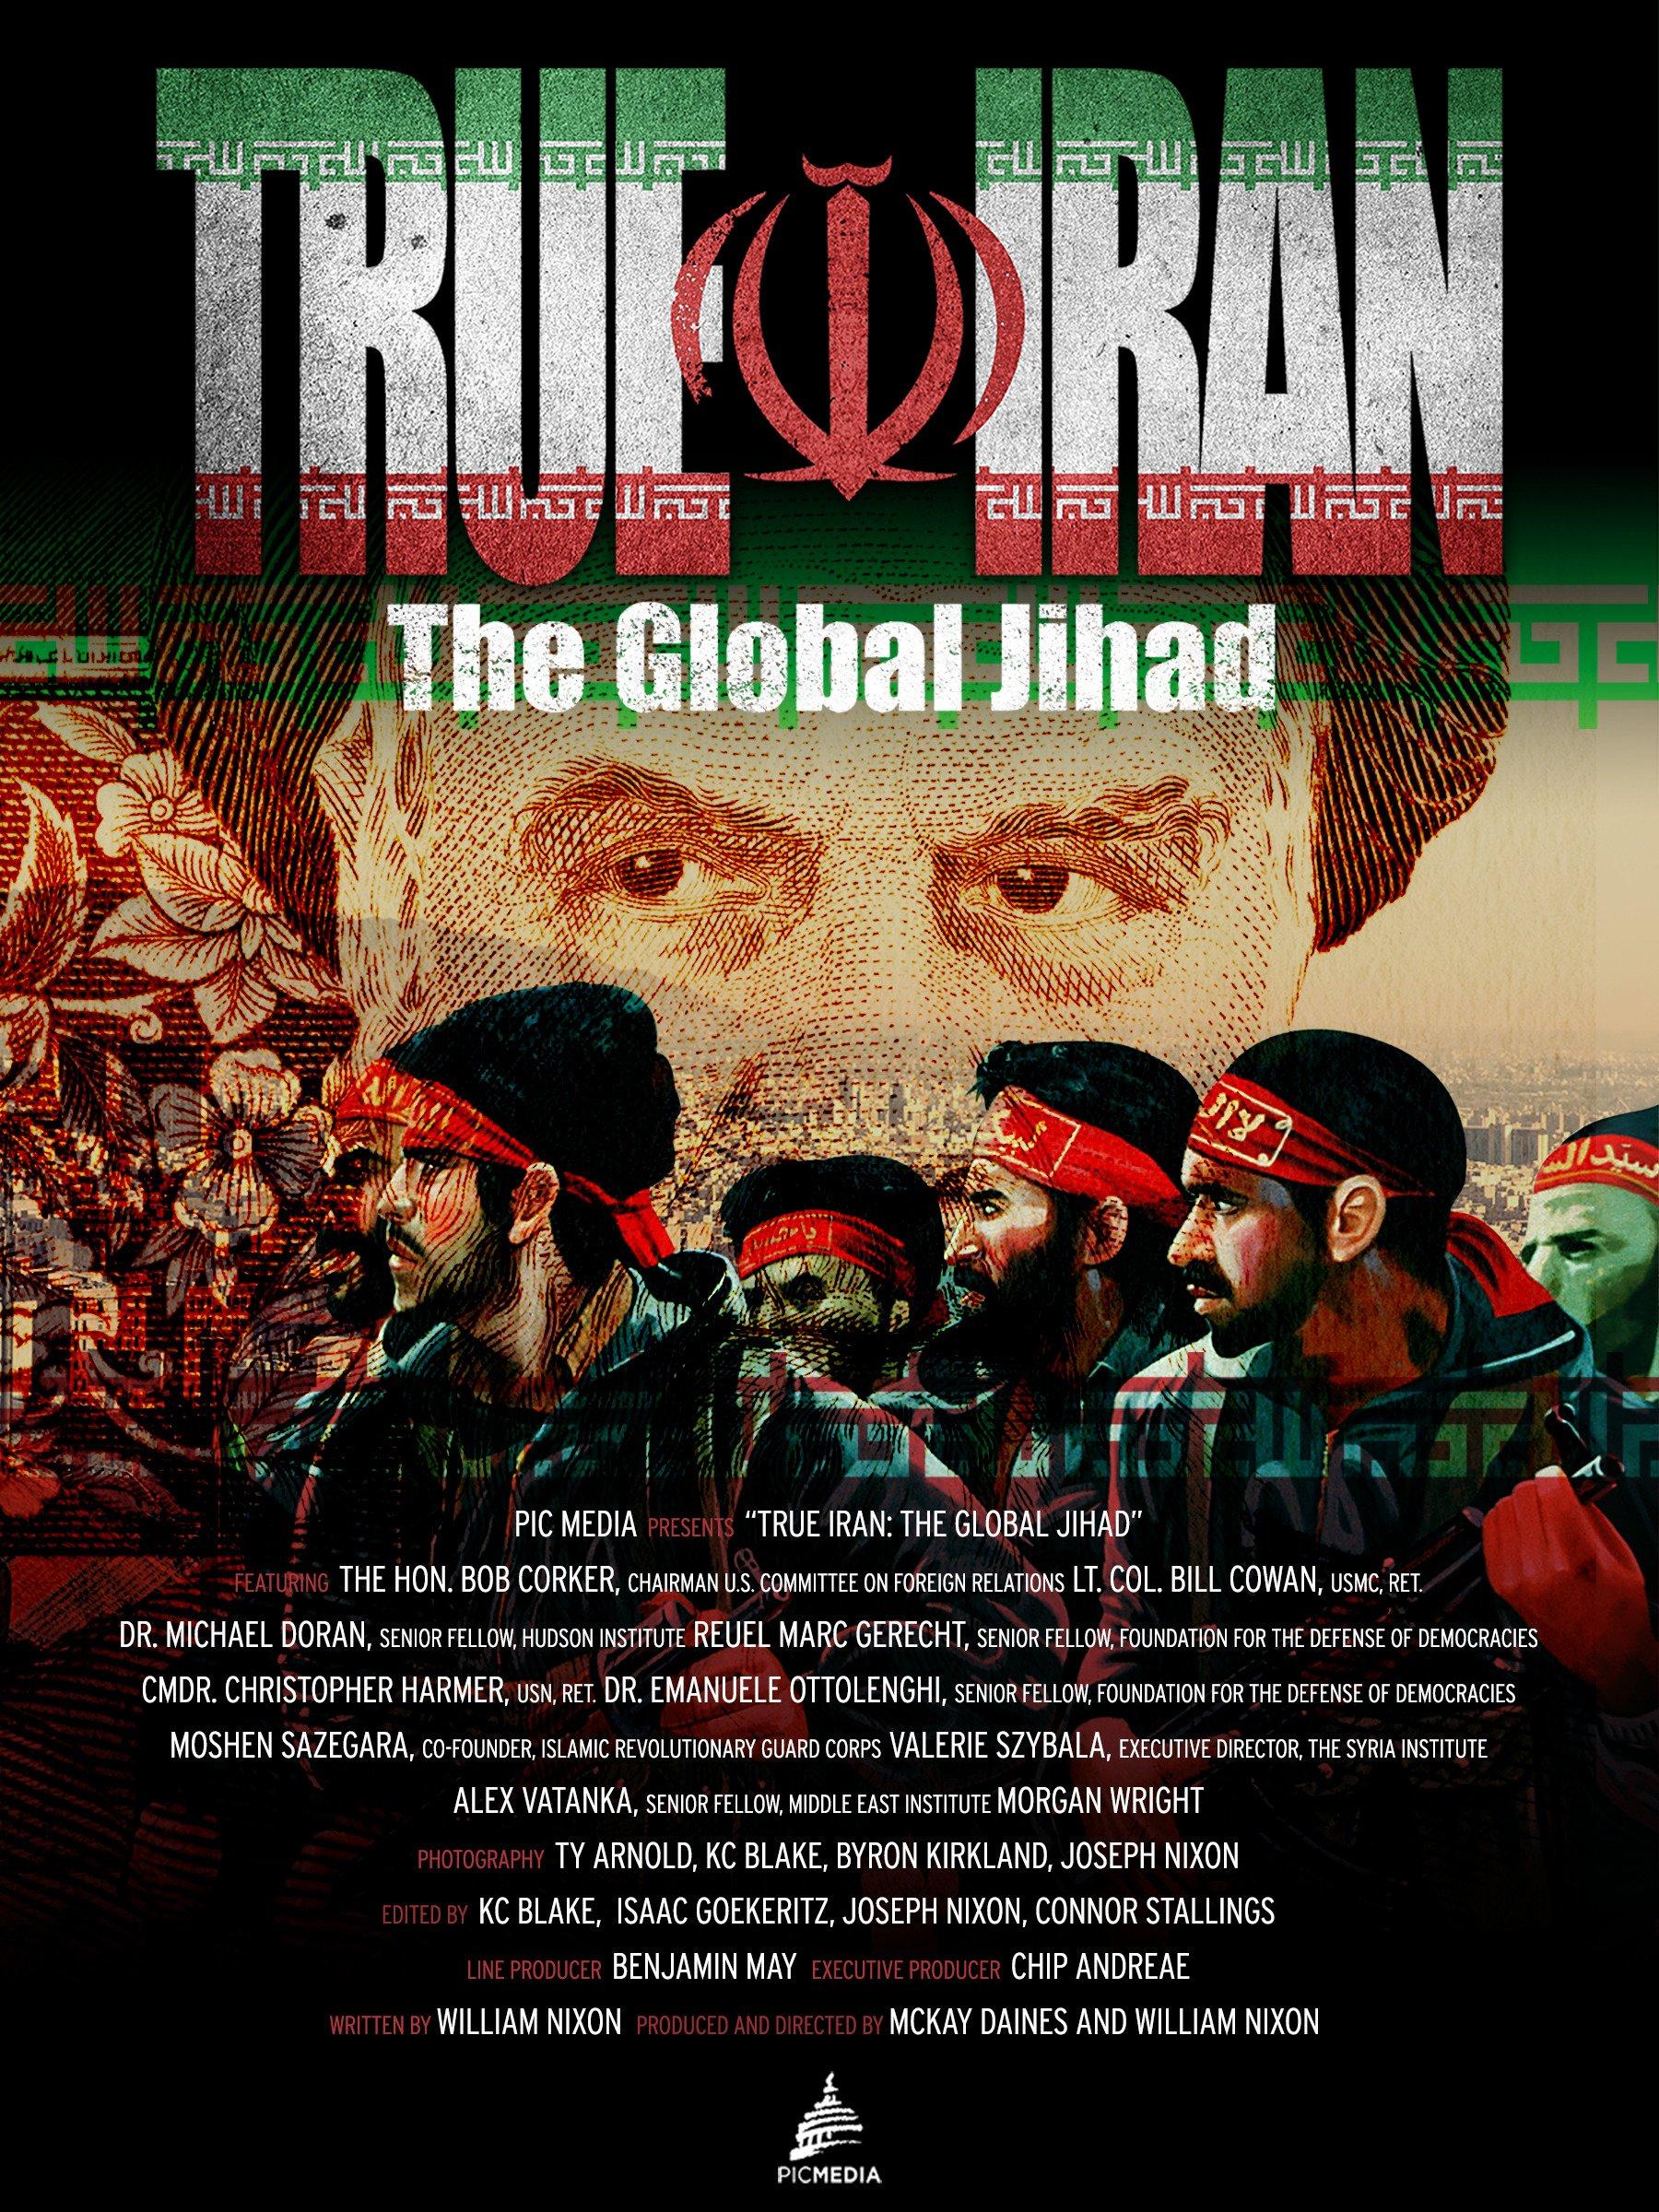 True Iran: The Global Jihad